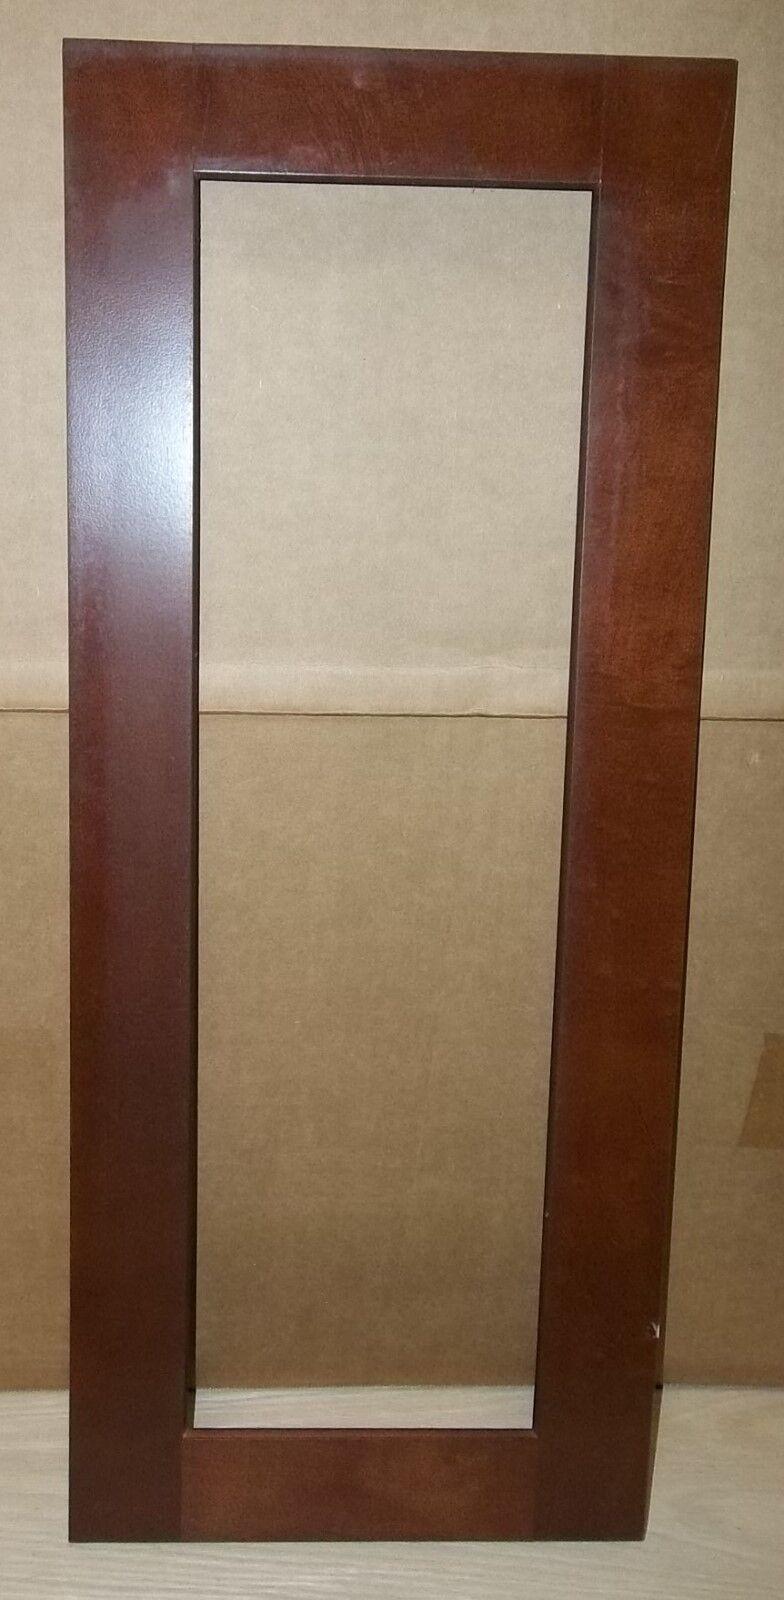 2 FRAME CABINET DOORS PAINT GRADE MAPLE OPEN SHAKER FRAME 11 3 4 X 28 3 4